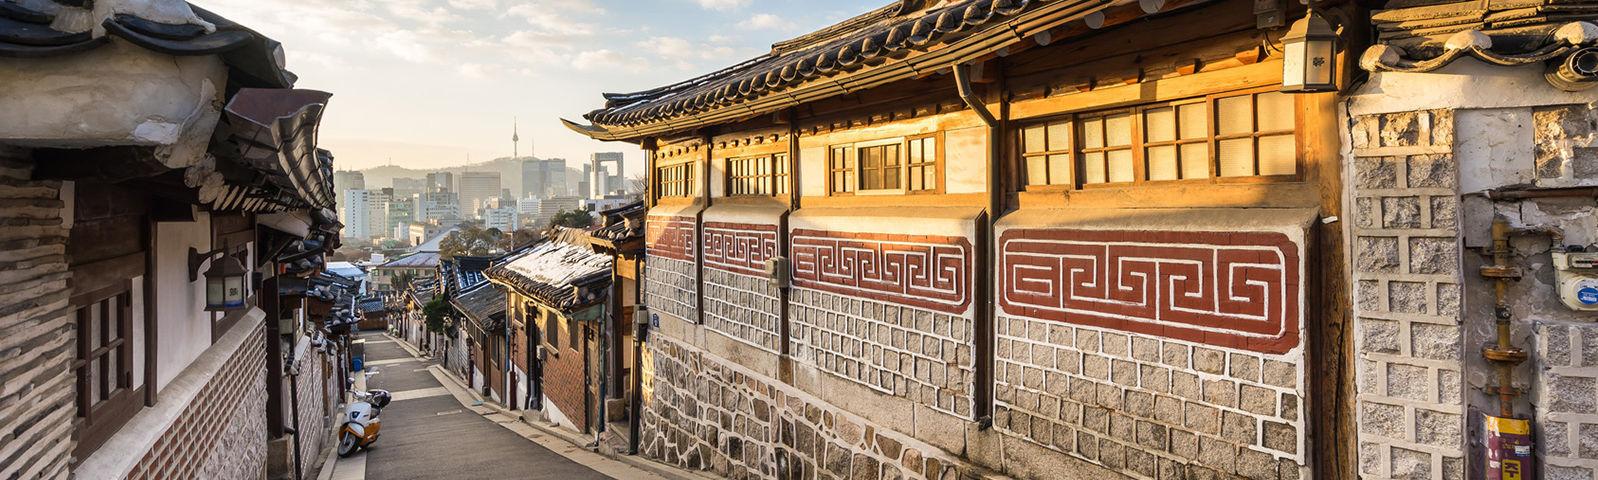 b8f8f09ed1c732 Corée du Sud   Guide de voyage Corée du Sud   Routard.com